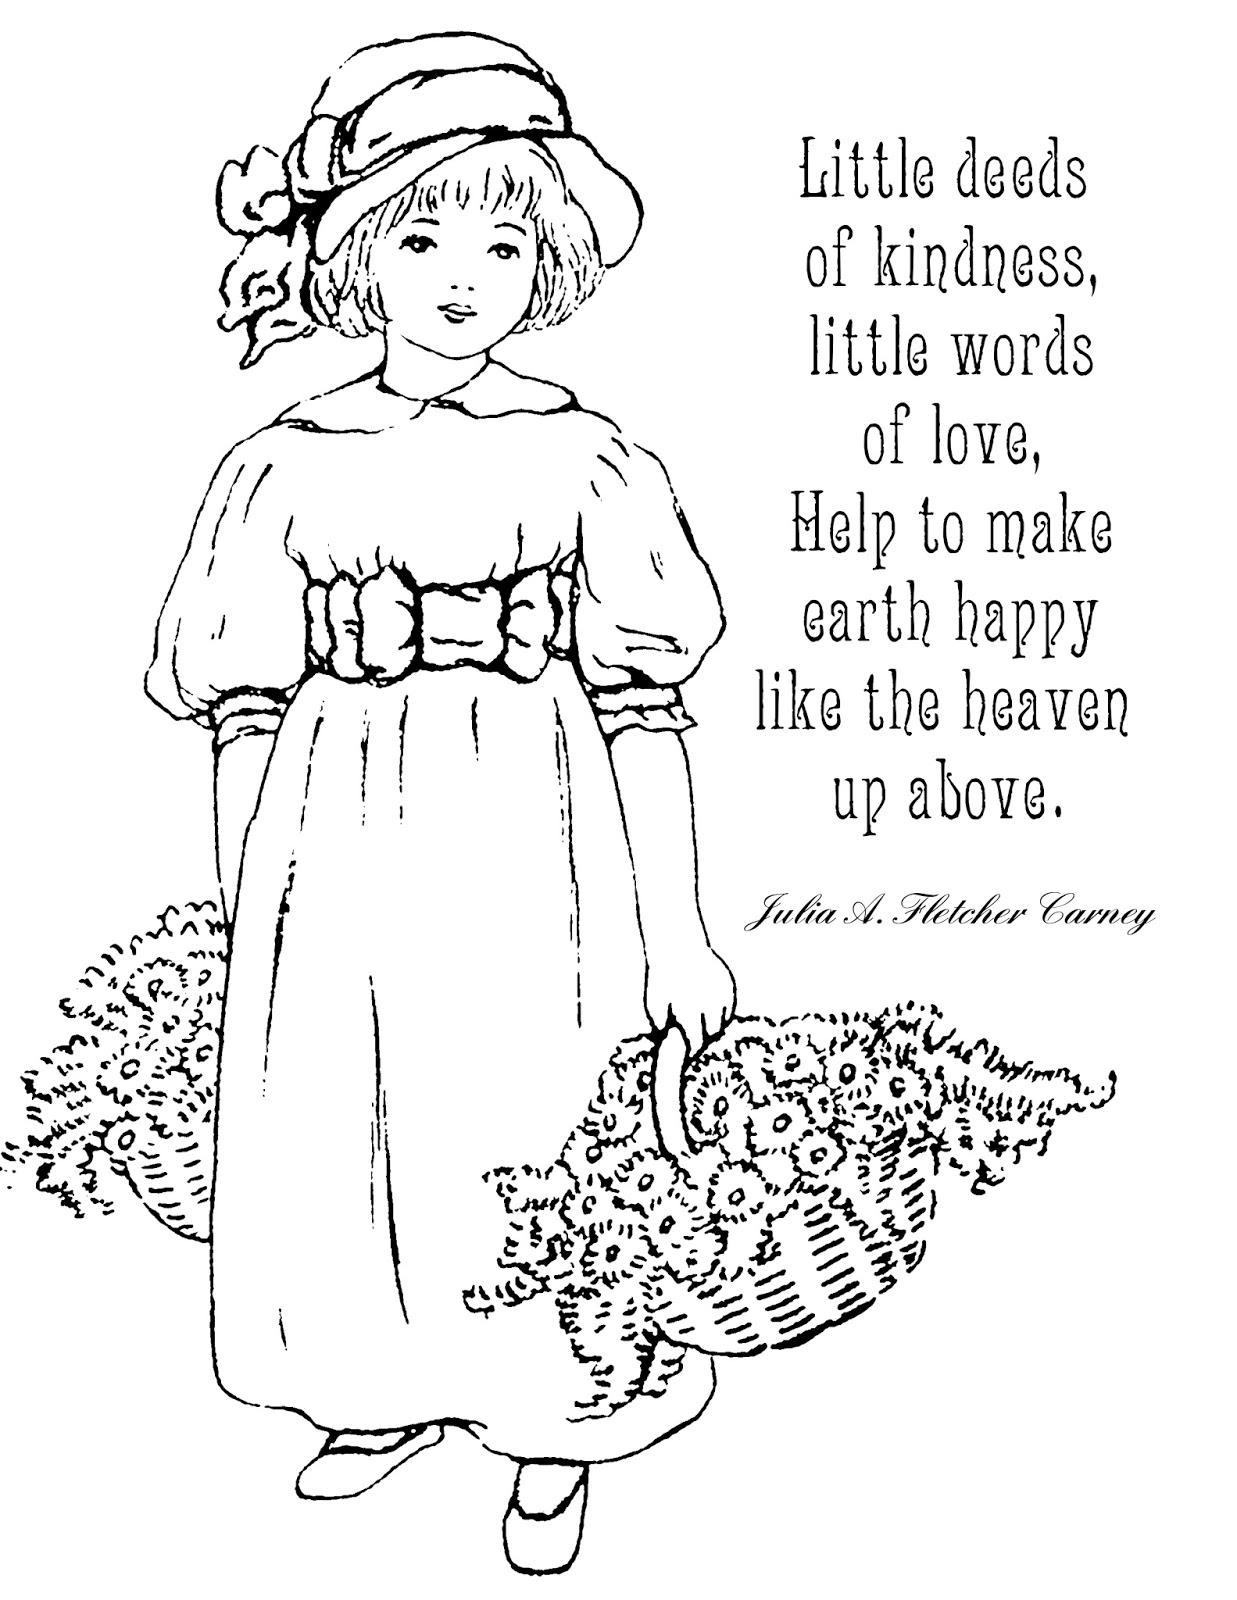 1237x1600 Unbelievable Lilac U Lavender A Little Love Kindness Image